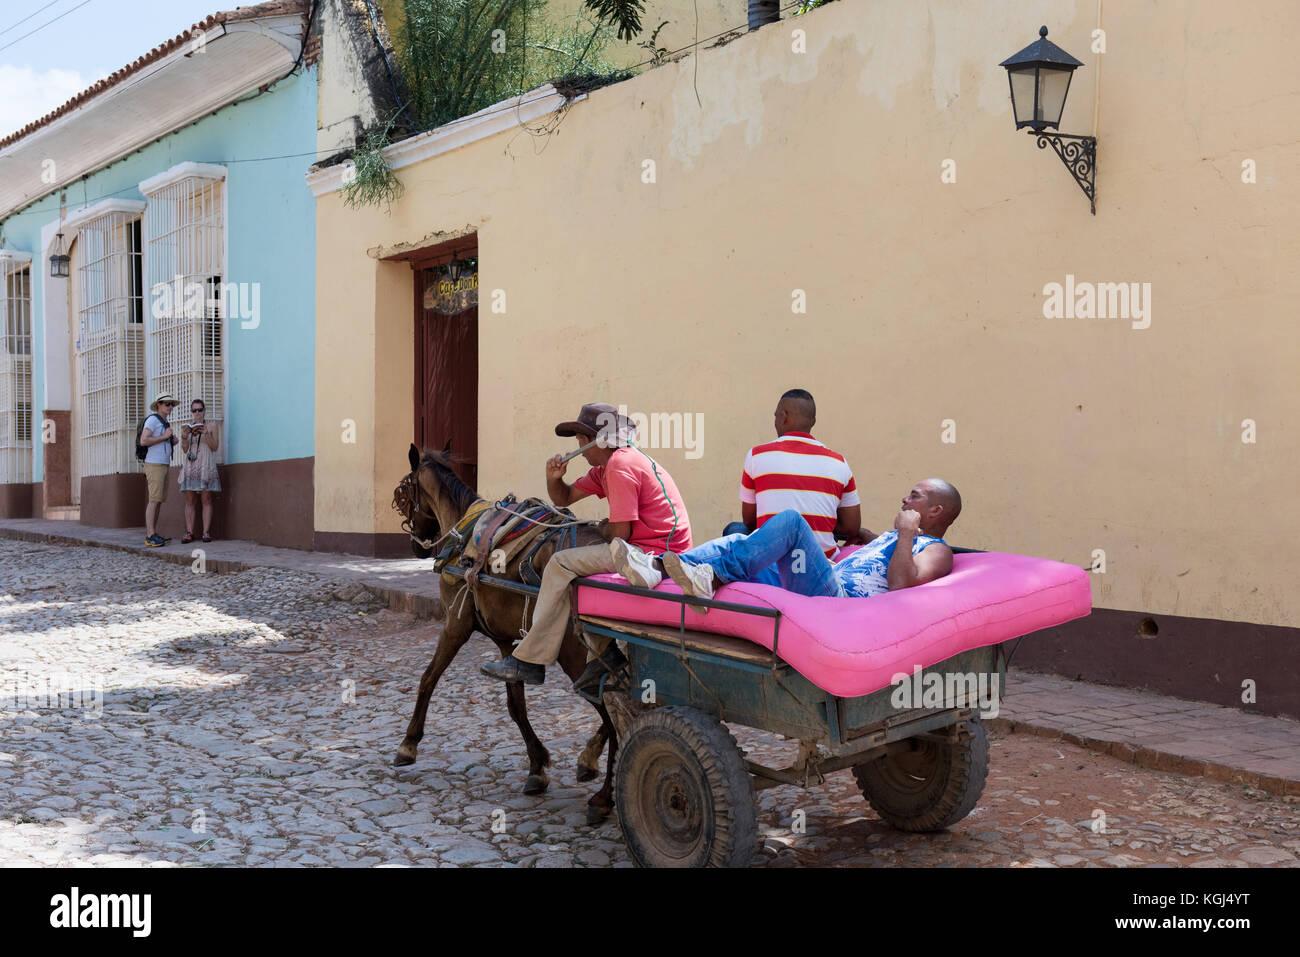 La vita quotidiana di Trinidad Cuba Immagini Stock